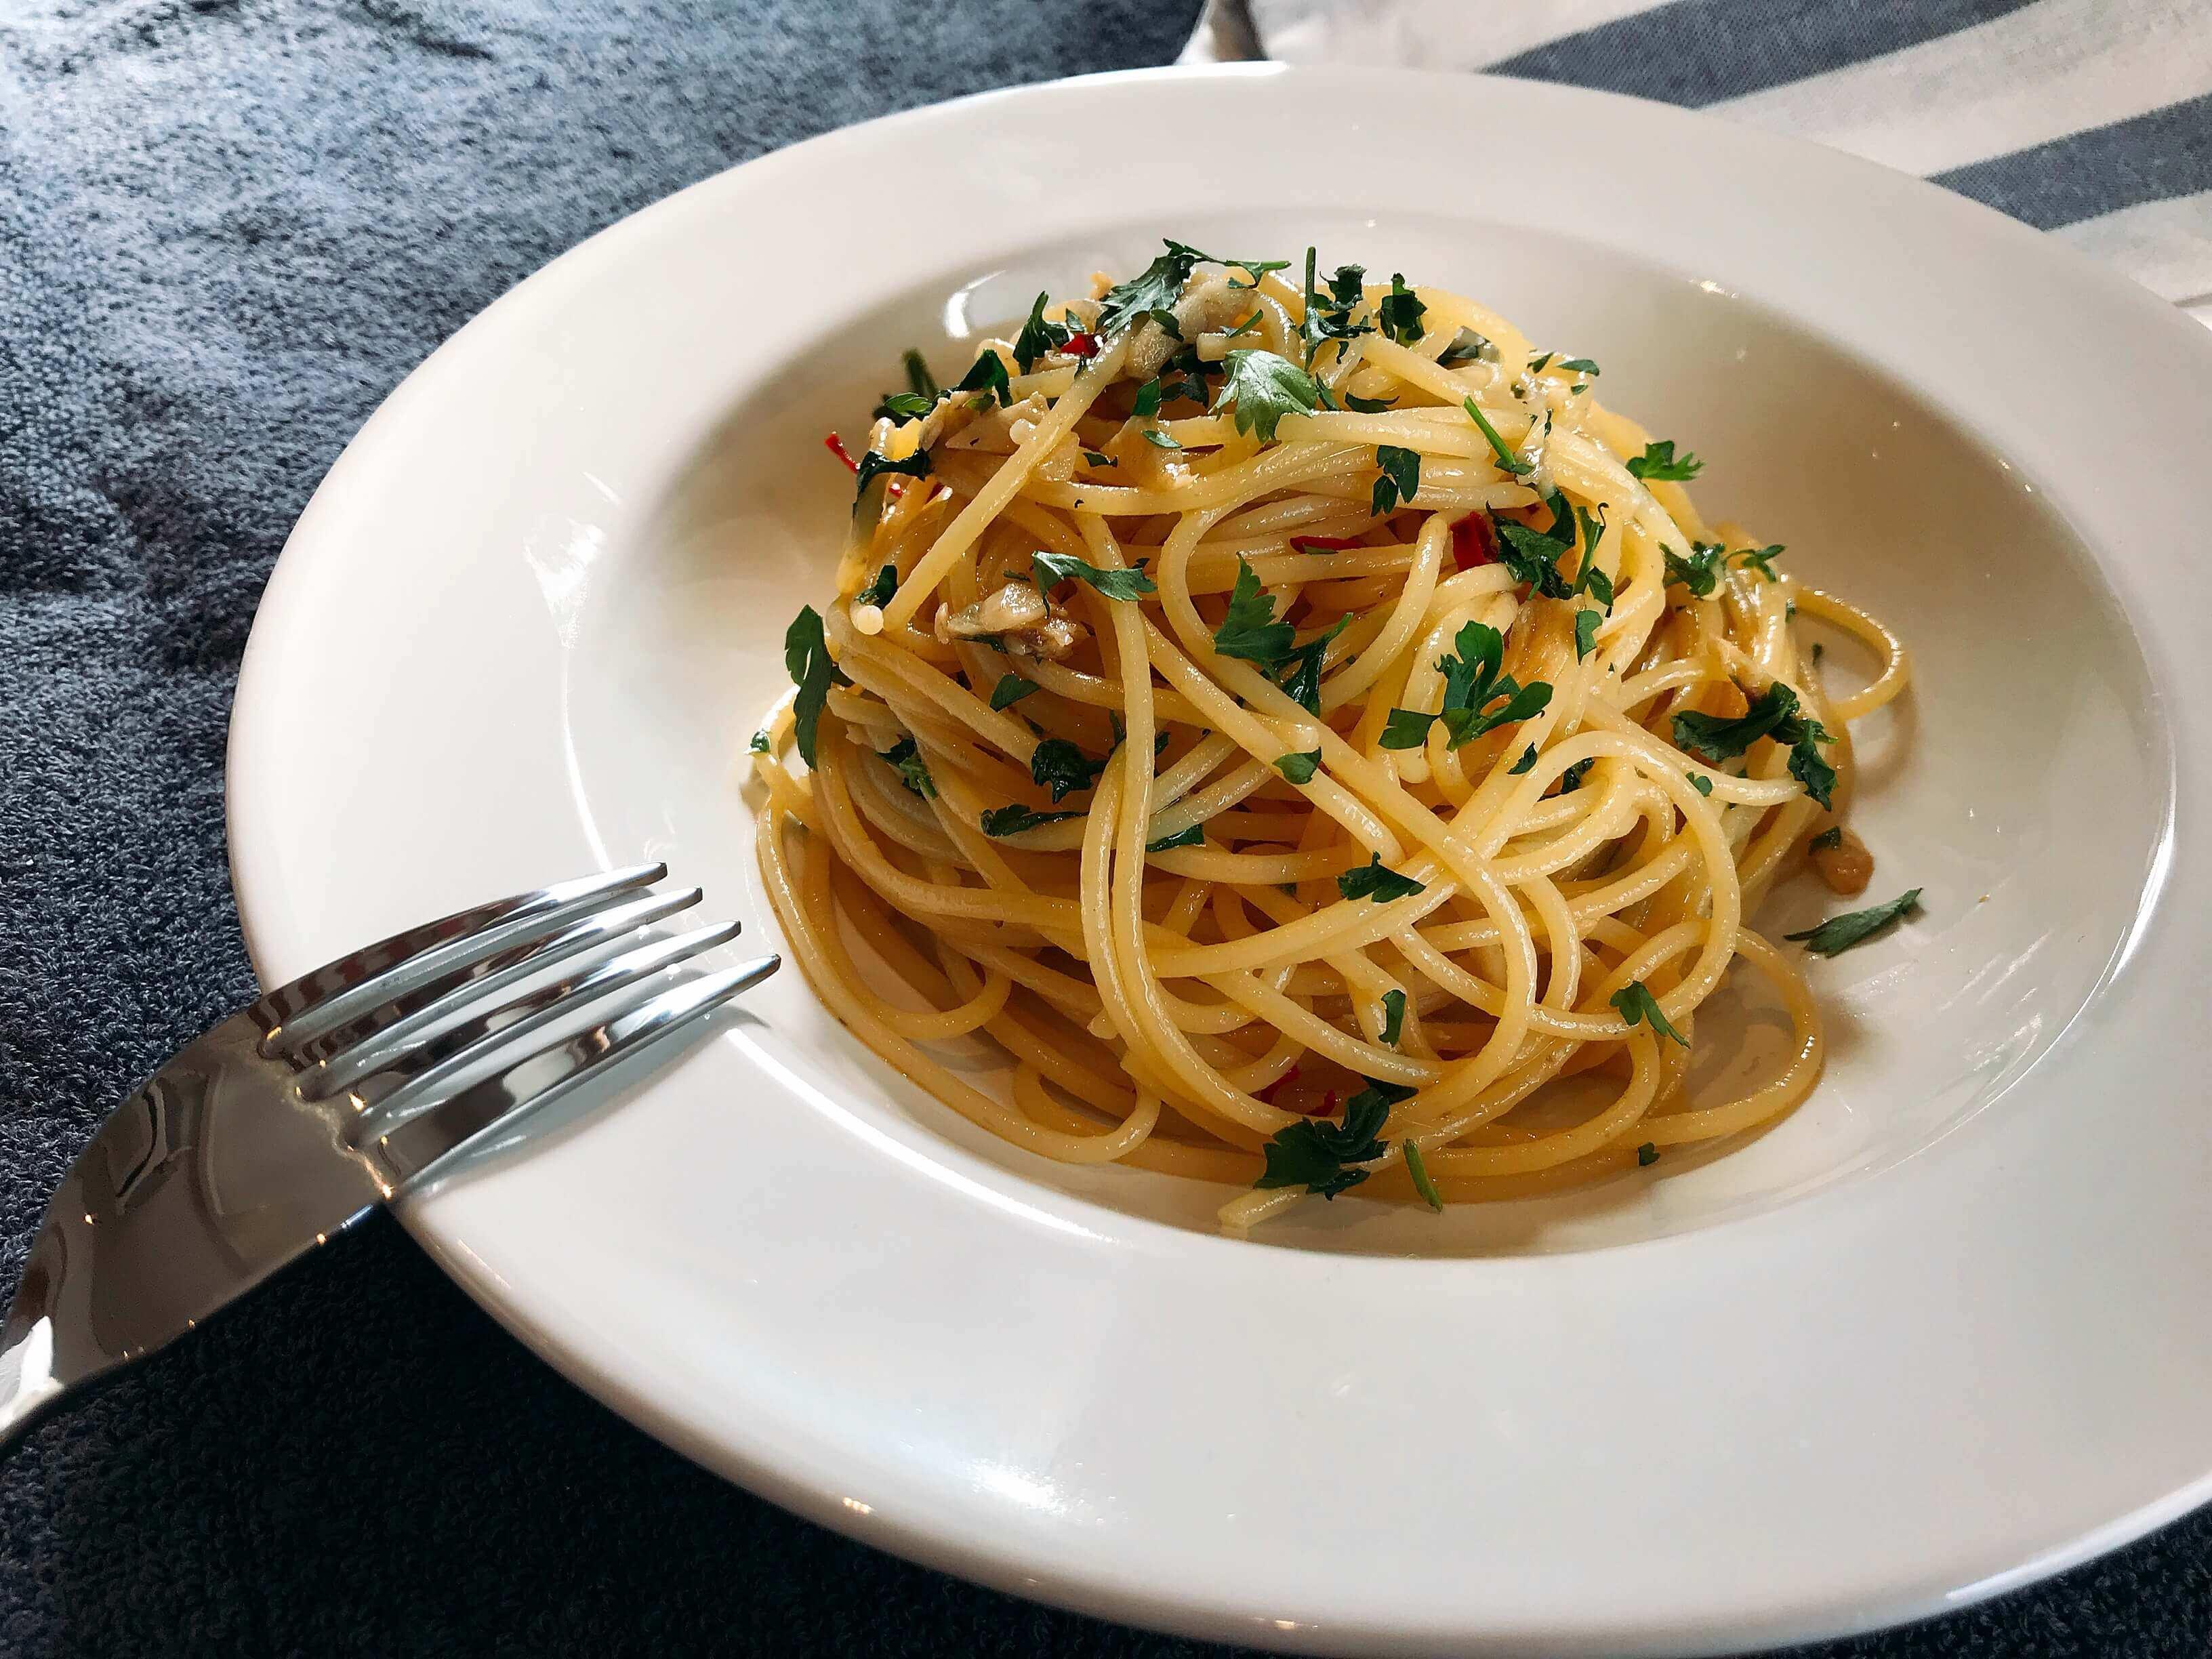 【簡単】パセリとアンチョビのまかないパスタのレシピ